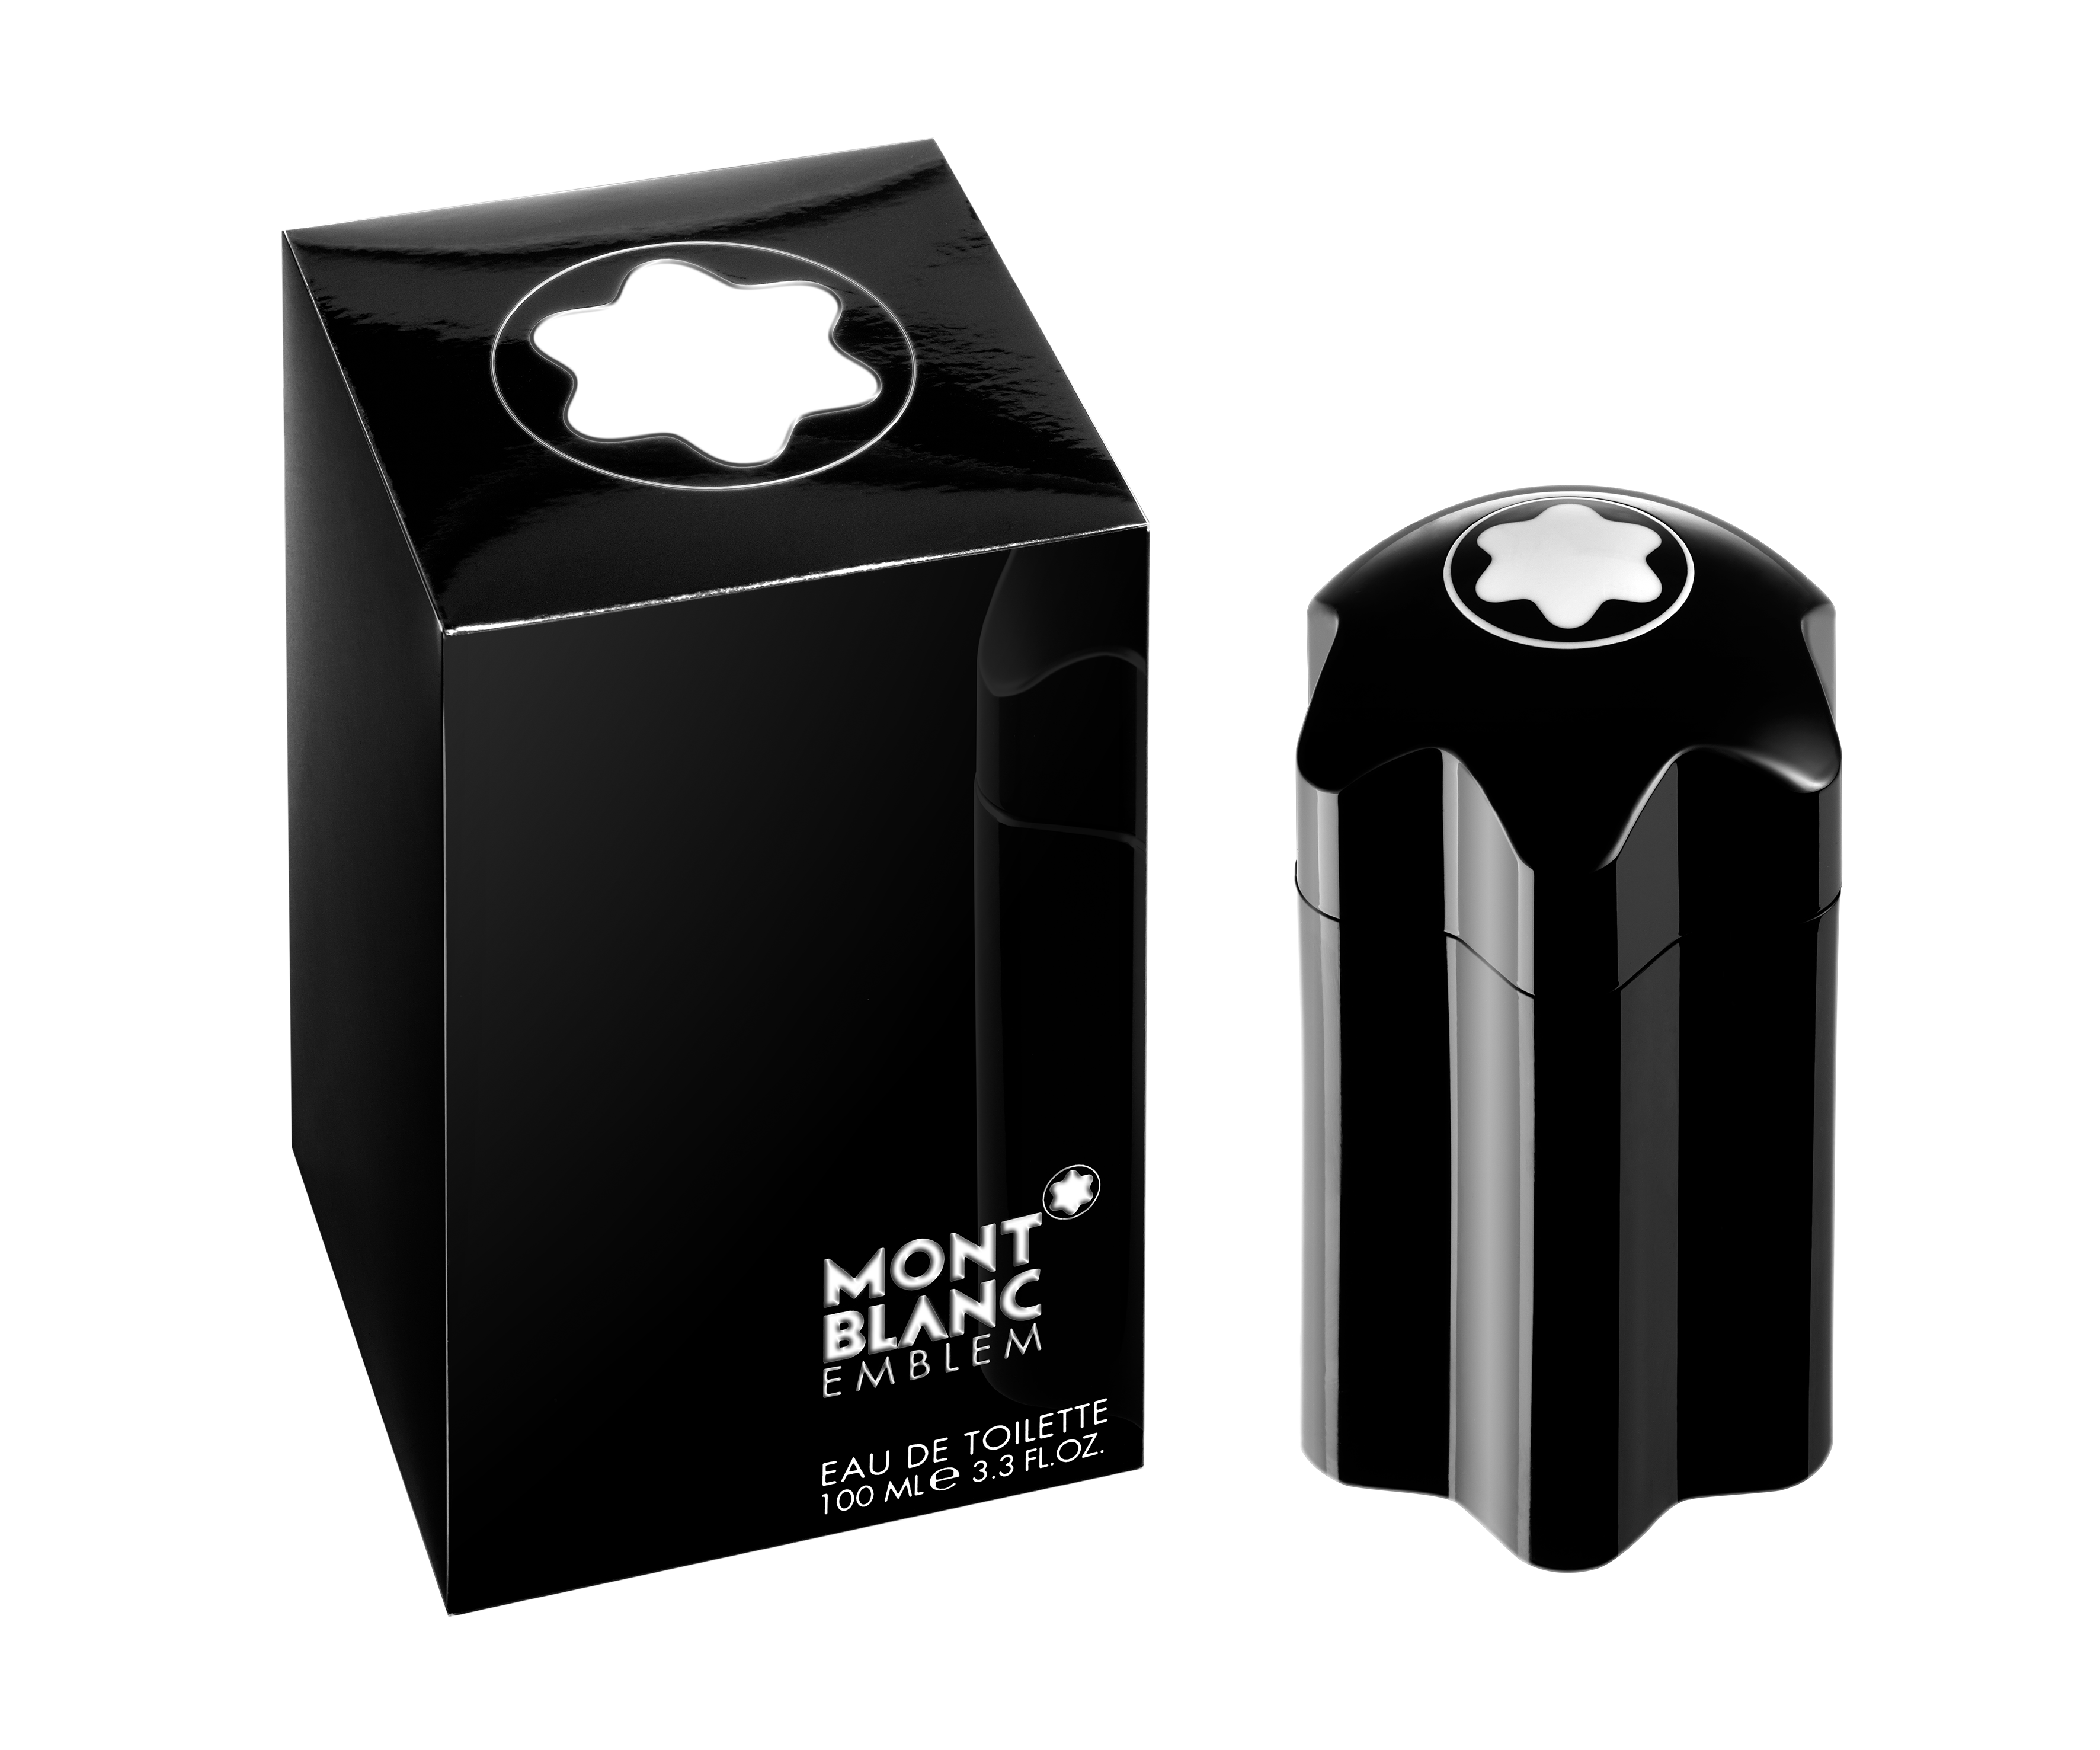 Best New Fragrance for Men - fragrance foundation awards